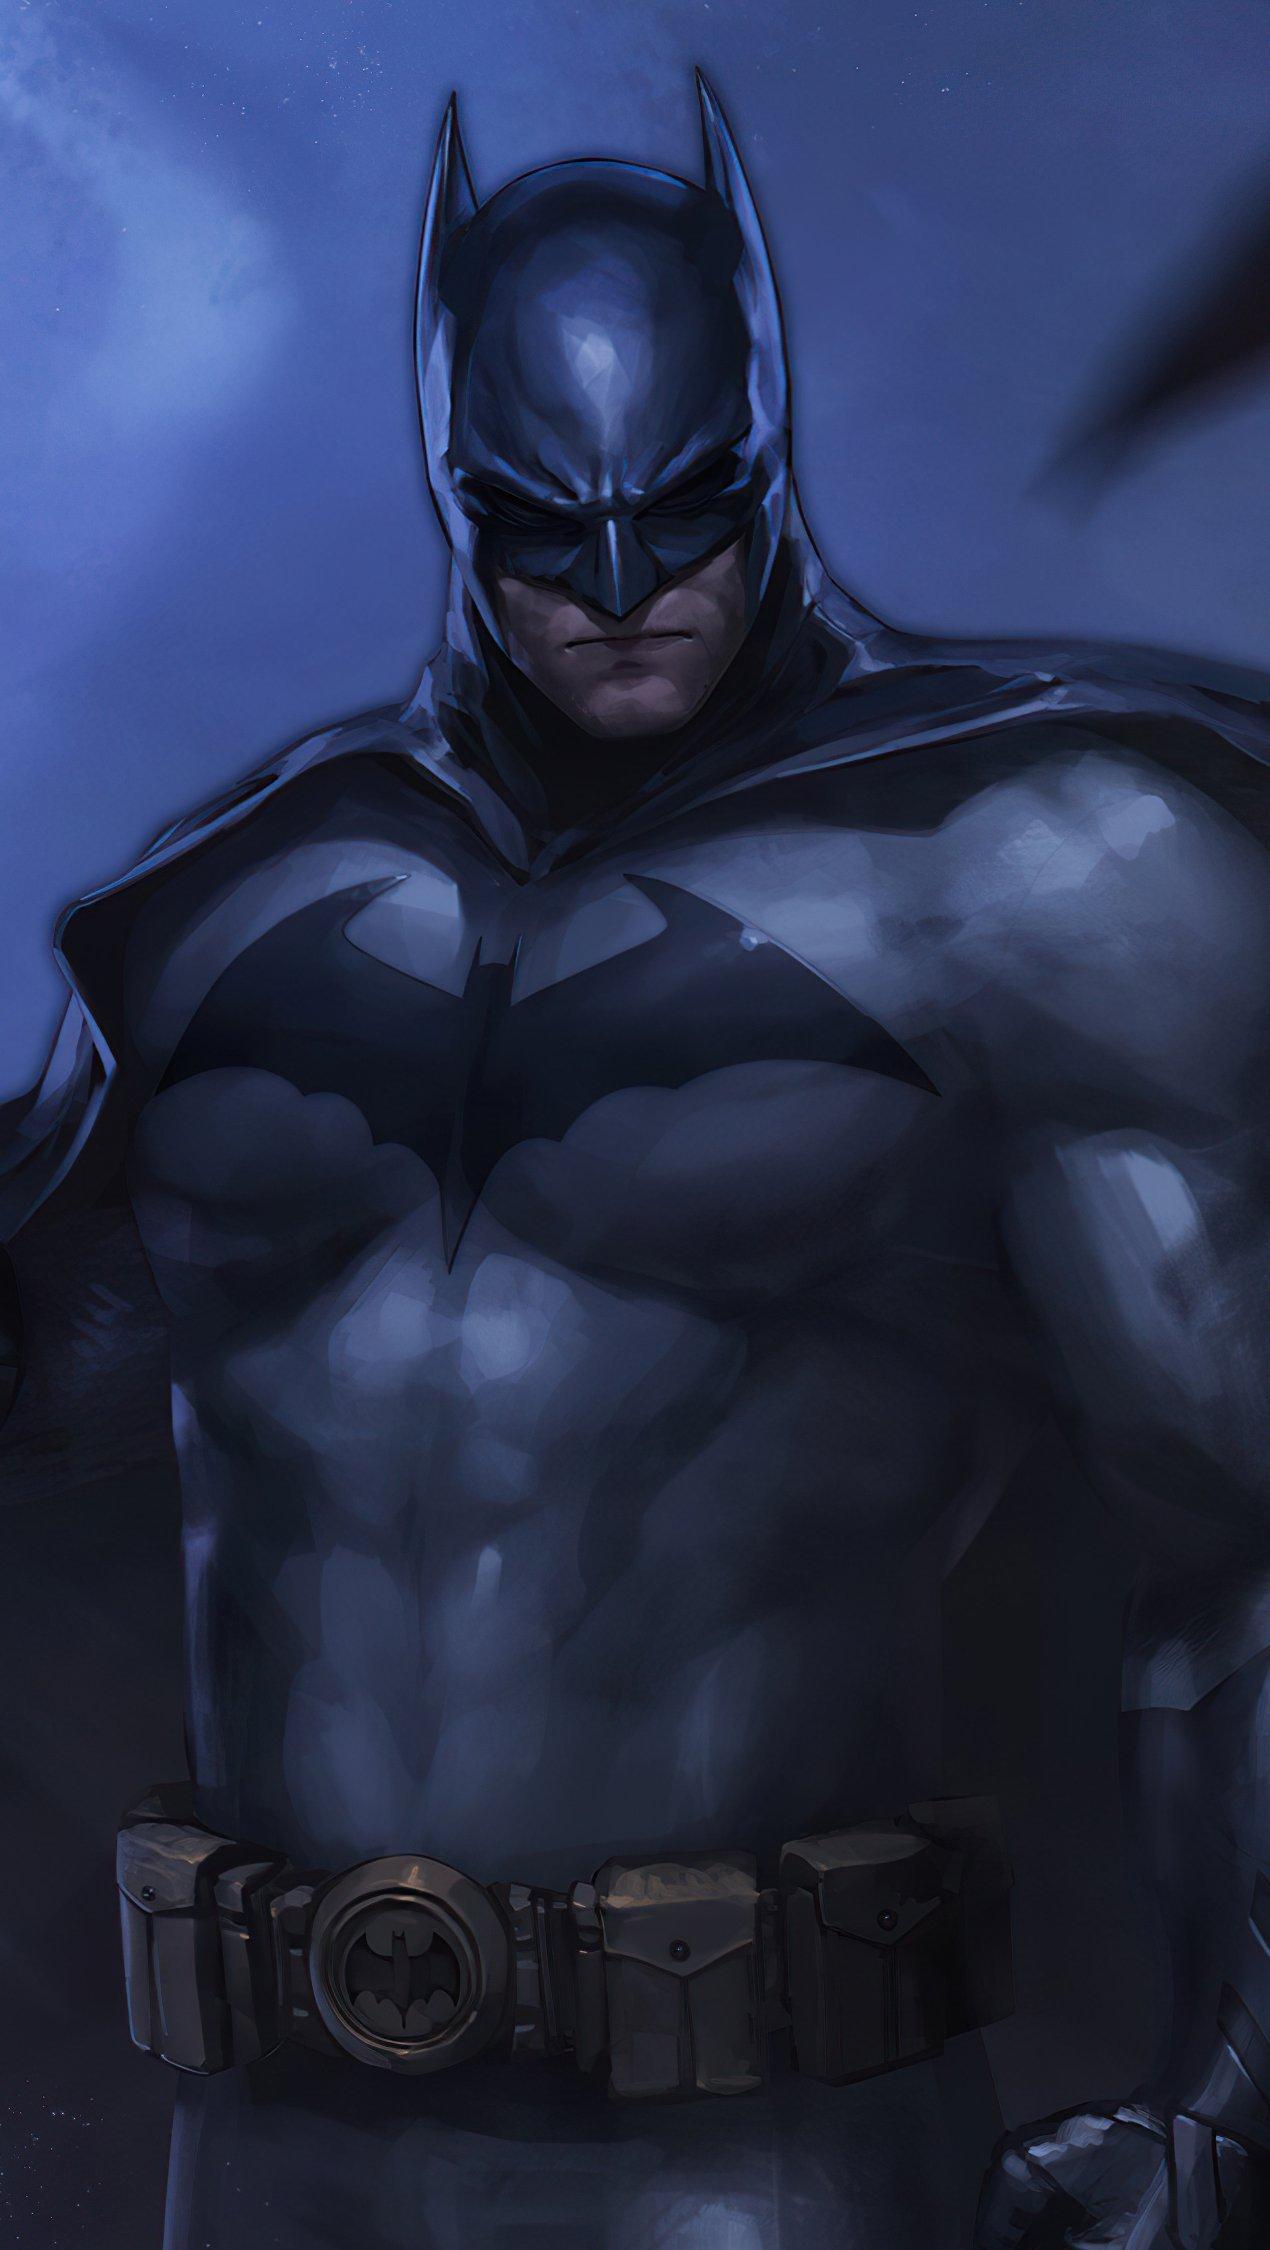 Fondos de pantalla La tumba de Batman Vertical